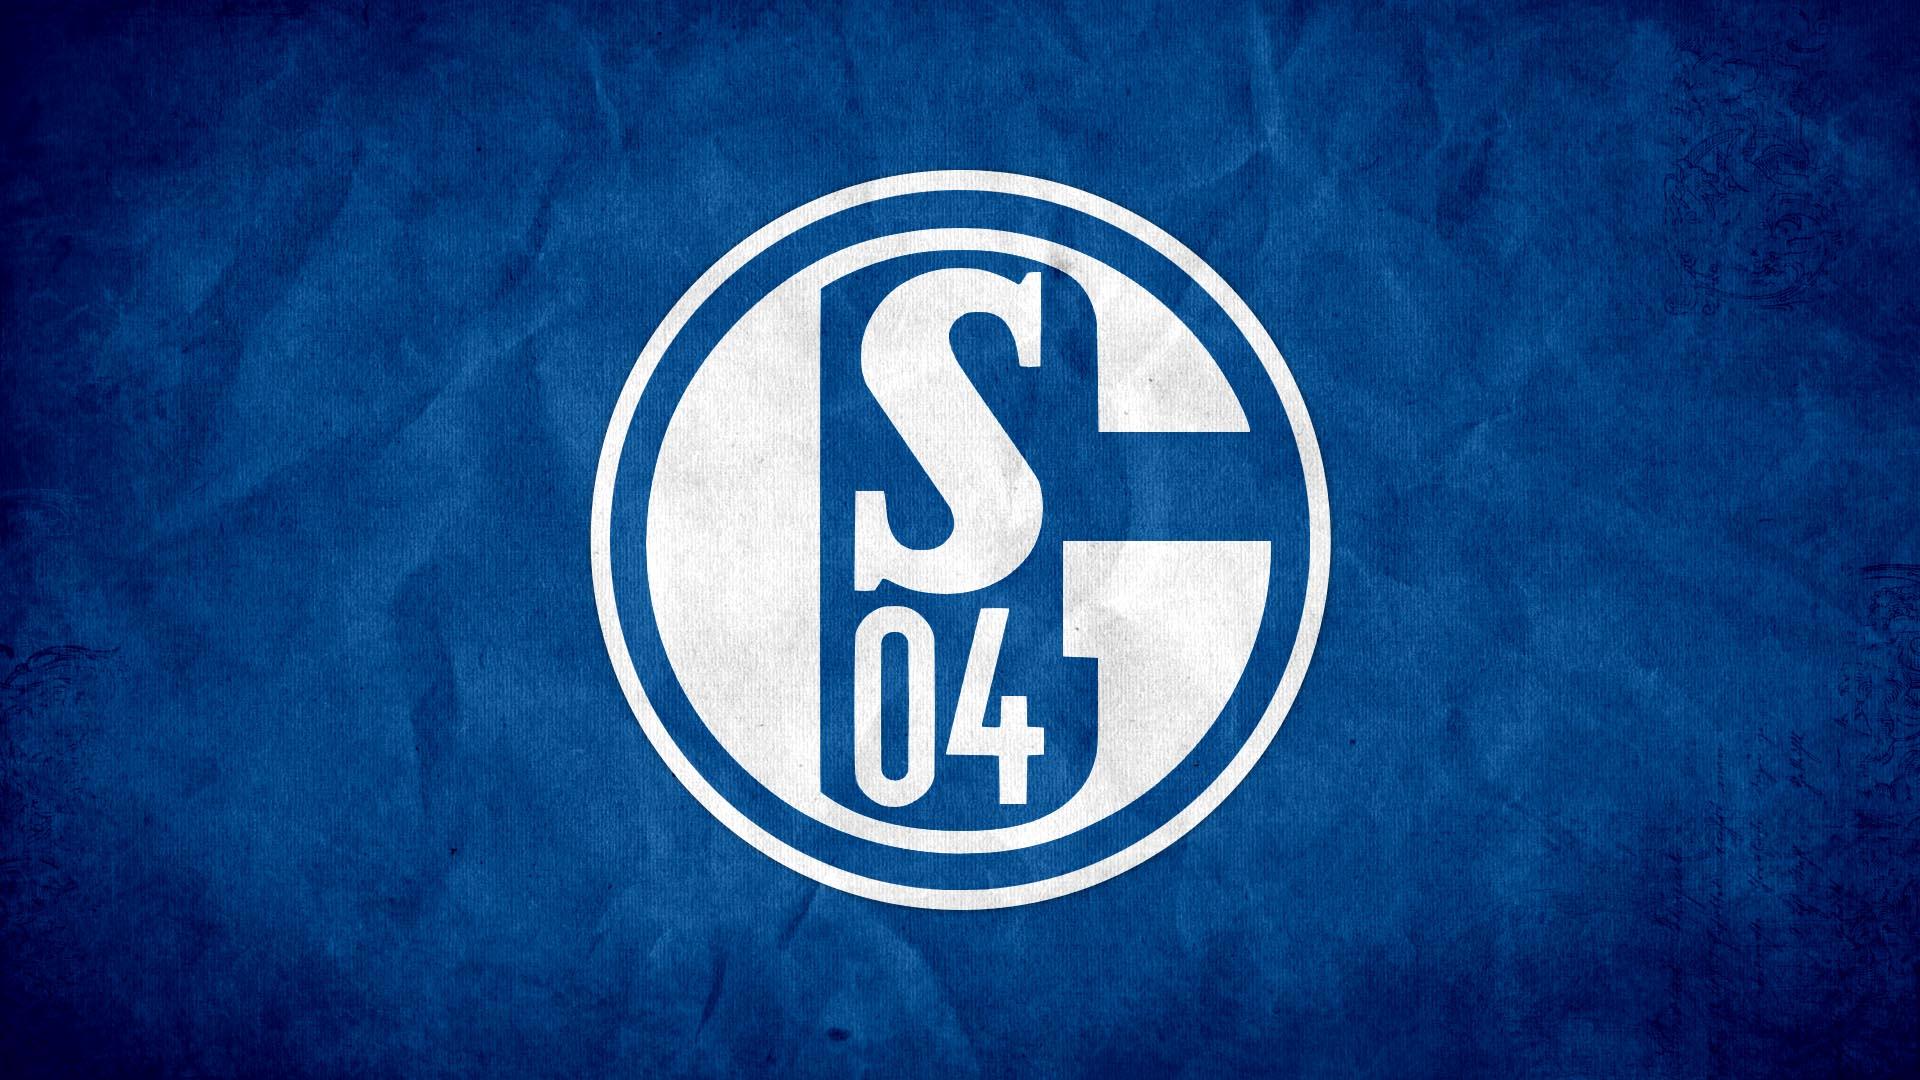 Schalke 04 blijft alsnog actief in League of Legends-esports